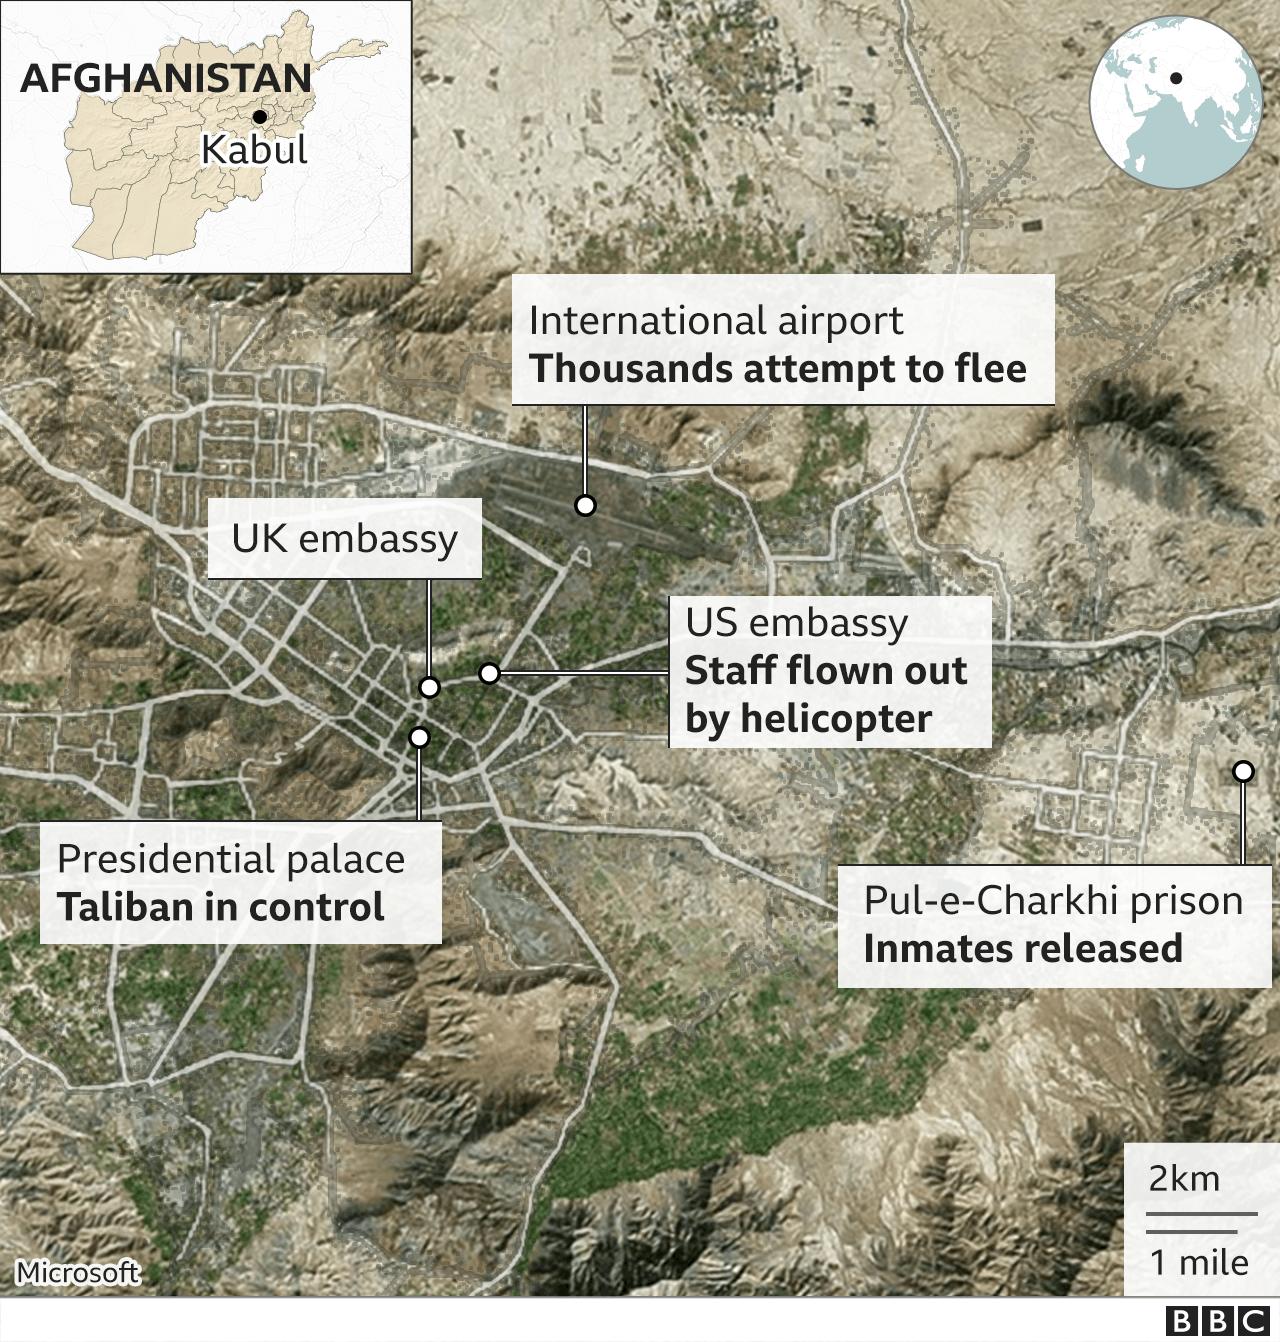 Χάρτης των γεγονότων στην Καμπούλ